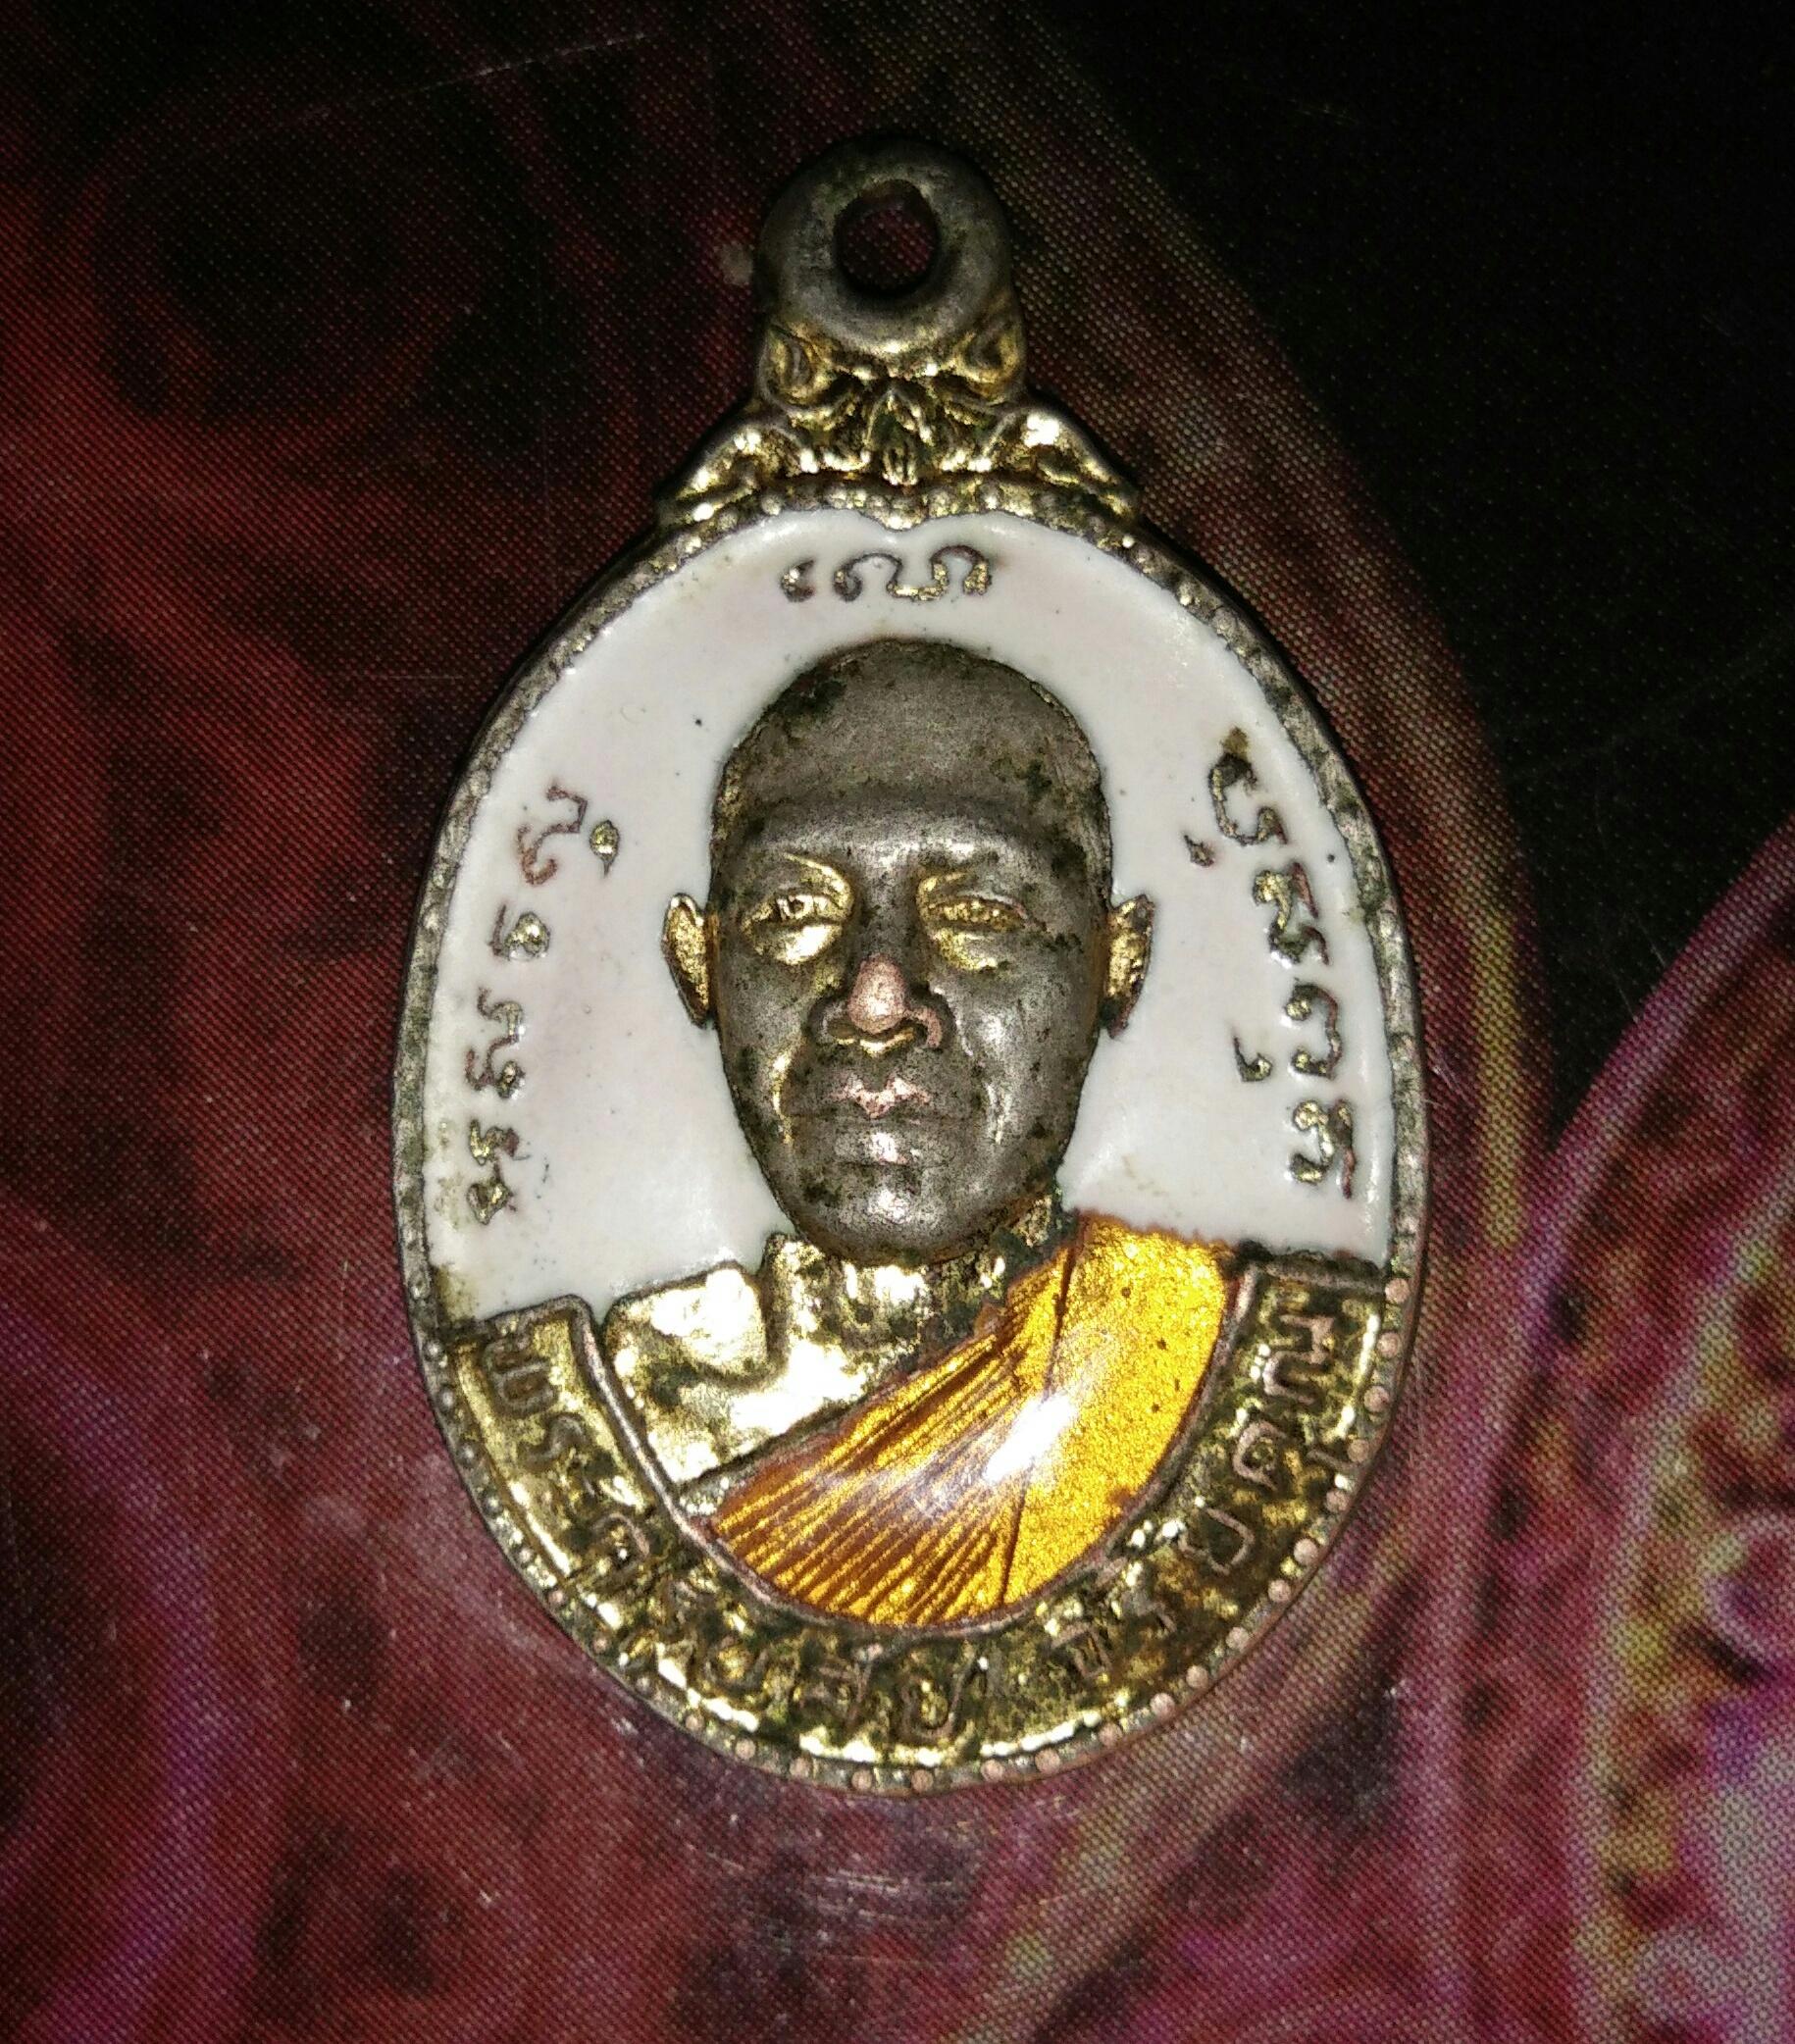 เหรียญหลวงพ่อโอดวัดจันเสน รุ่นพิเศษปี2525